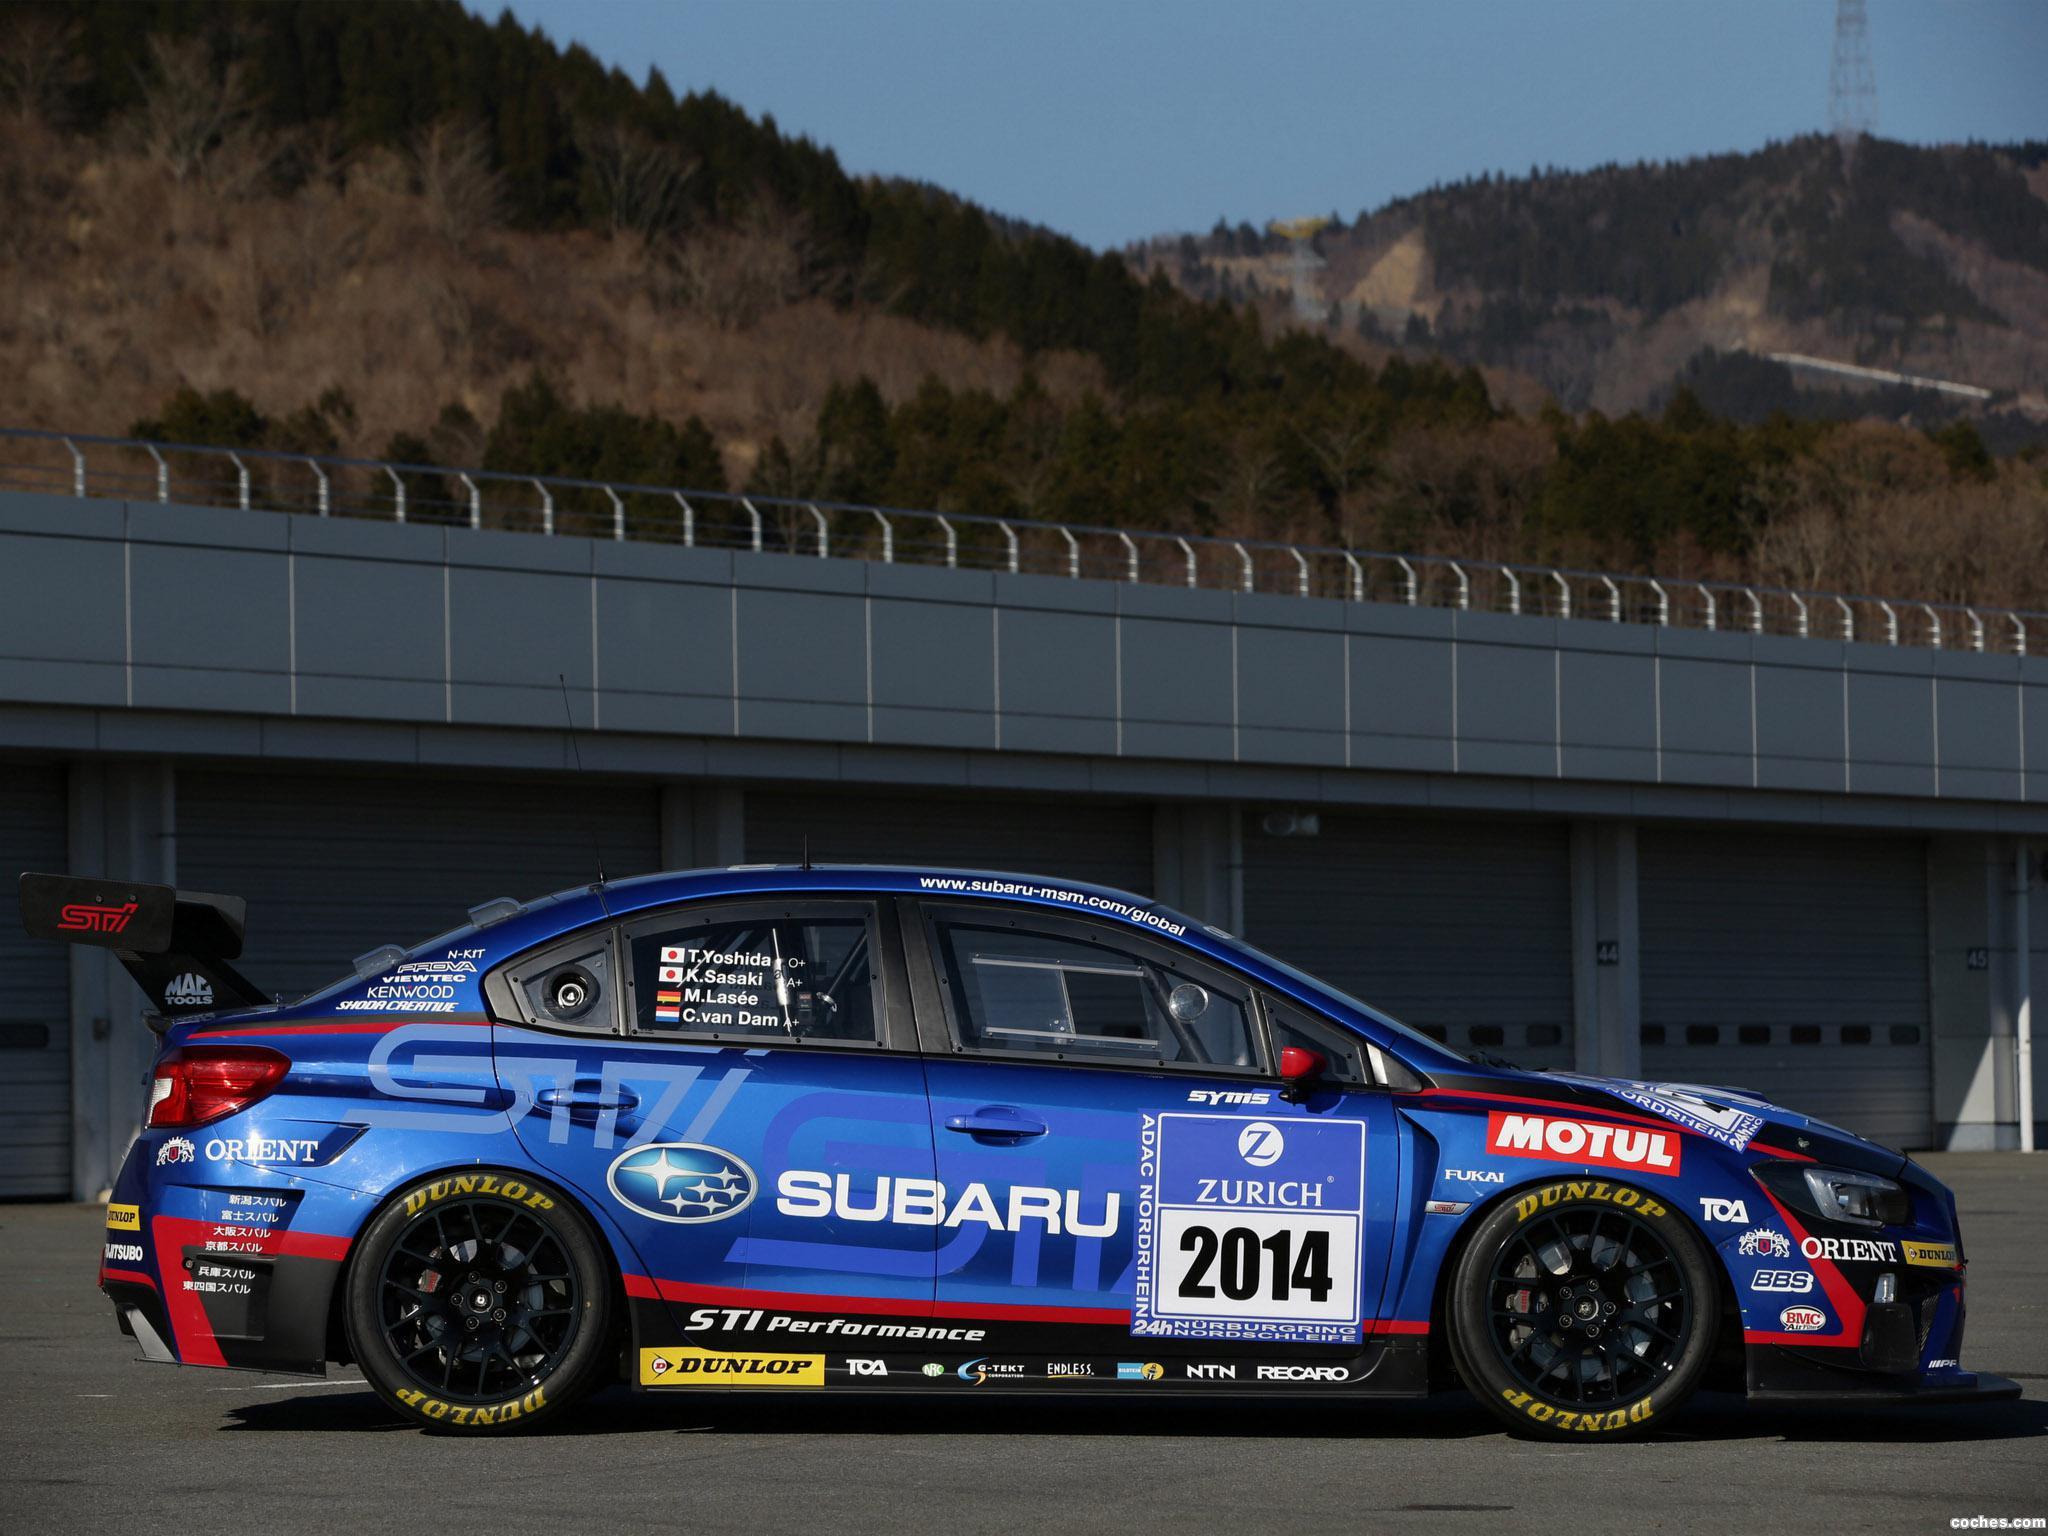 Foto 12 de Subaru WRX STI Race Car 2014